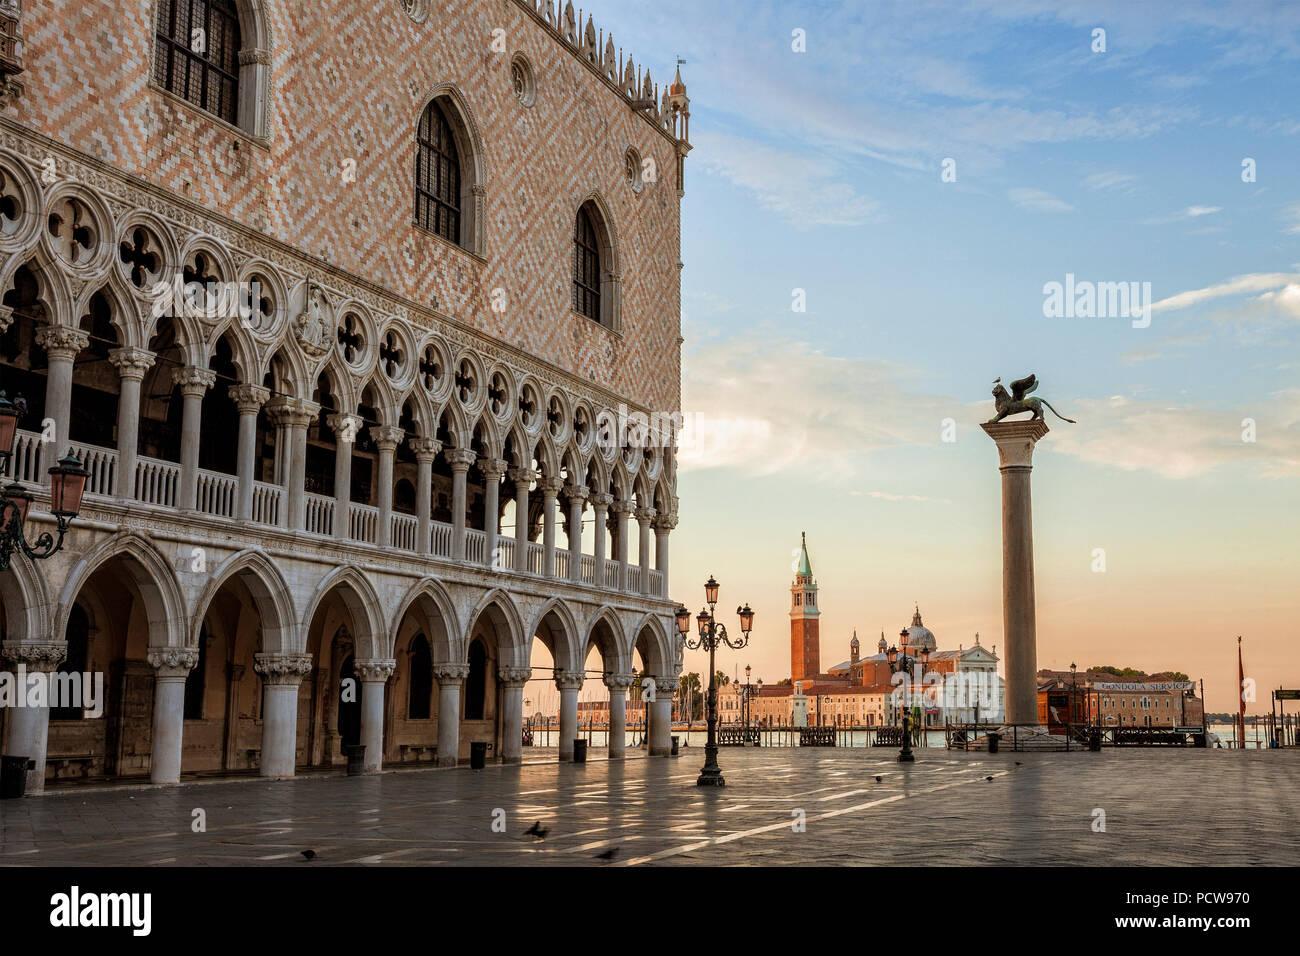 Venice's St. Mark's Square empty at dawn - Stock Image